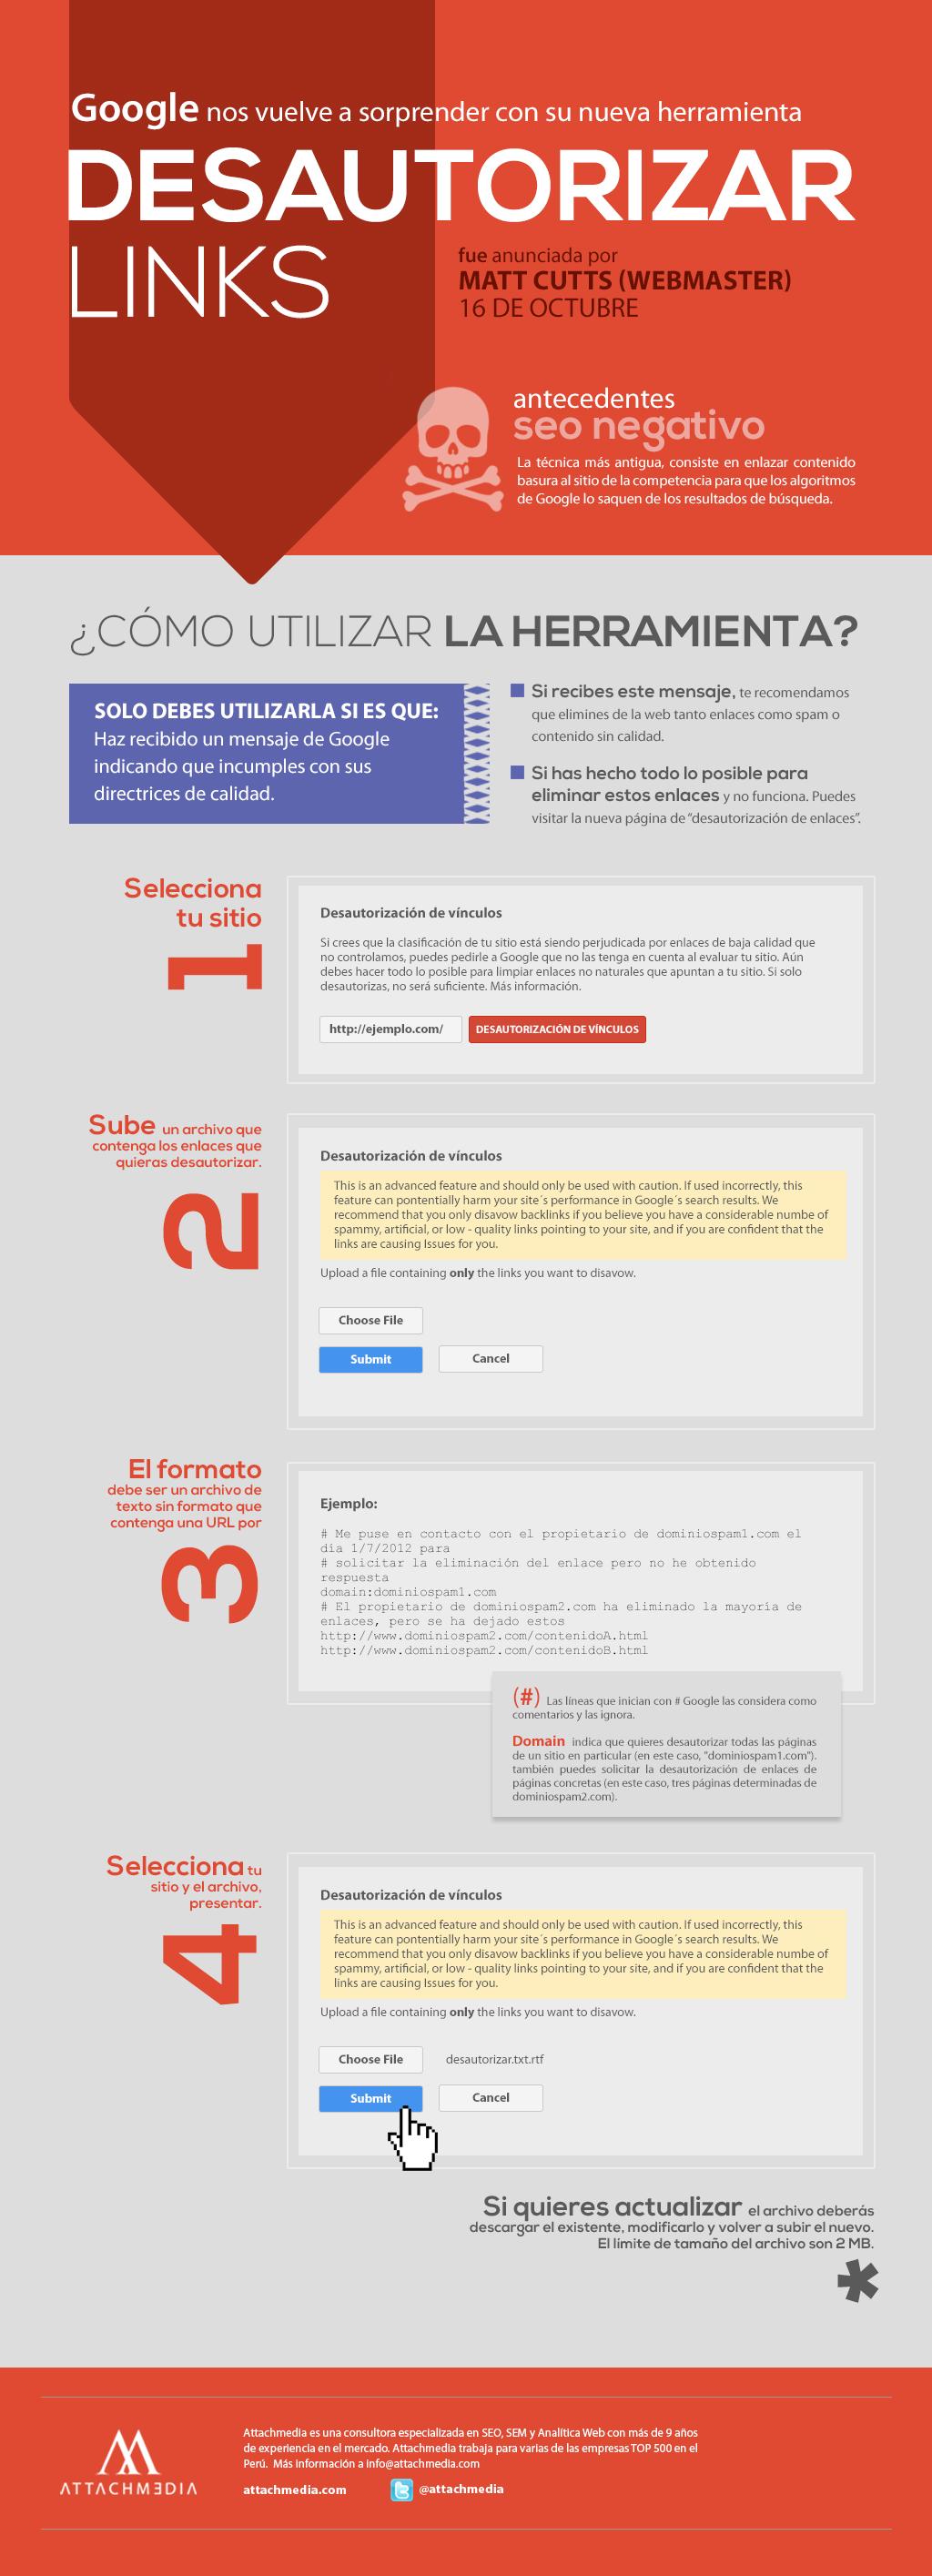 Google-desautoriza-links